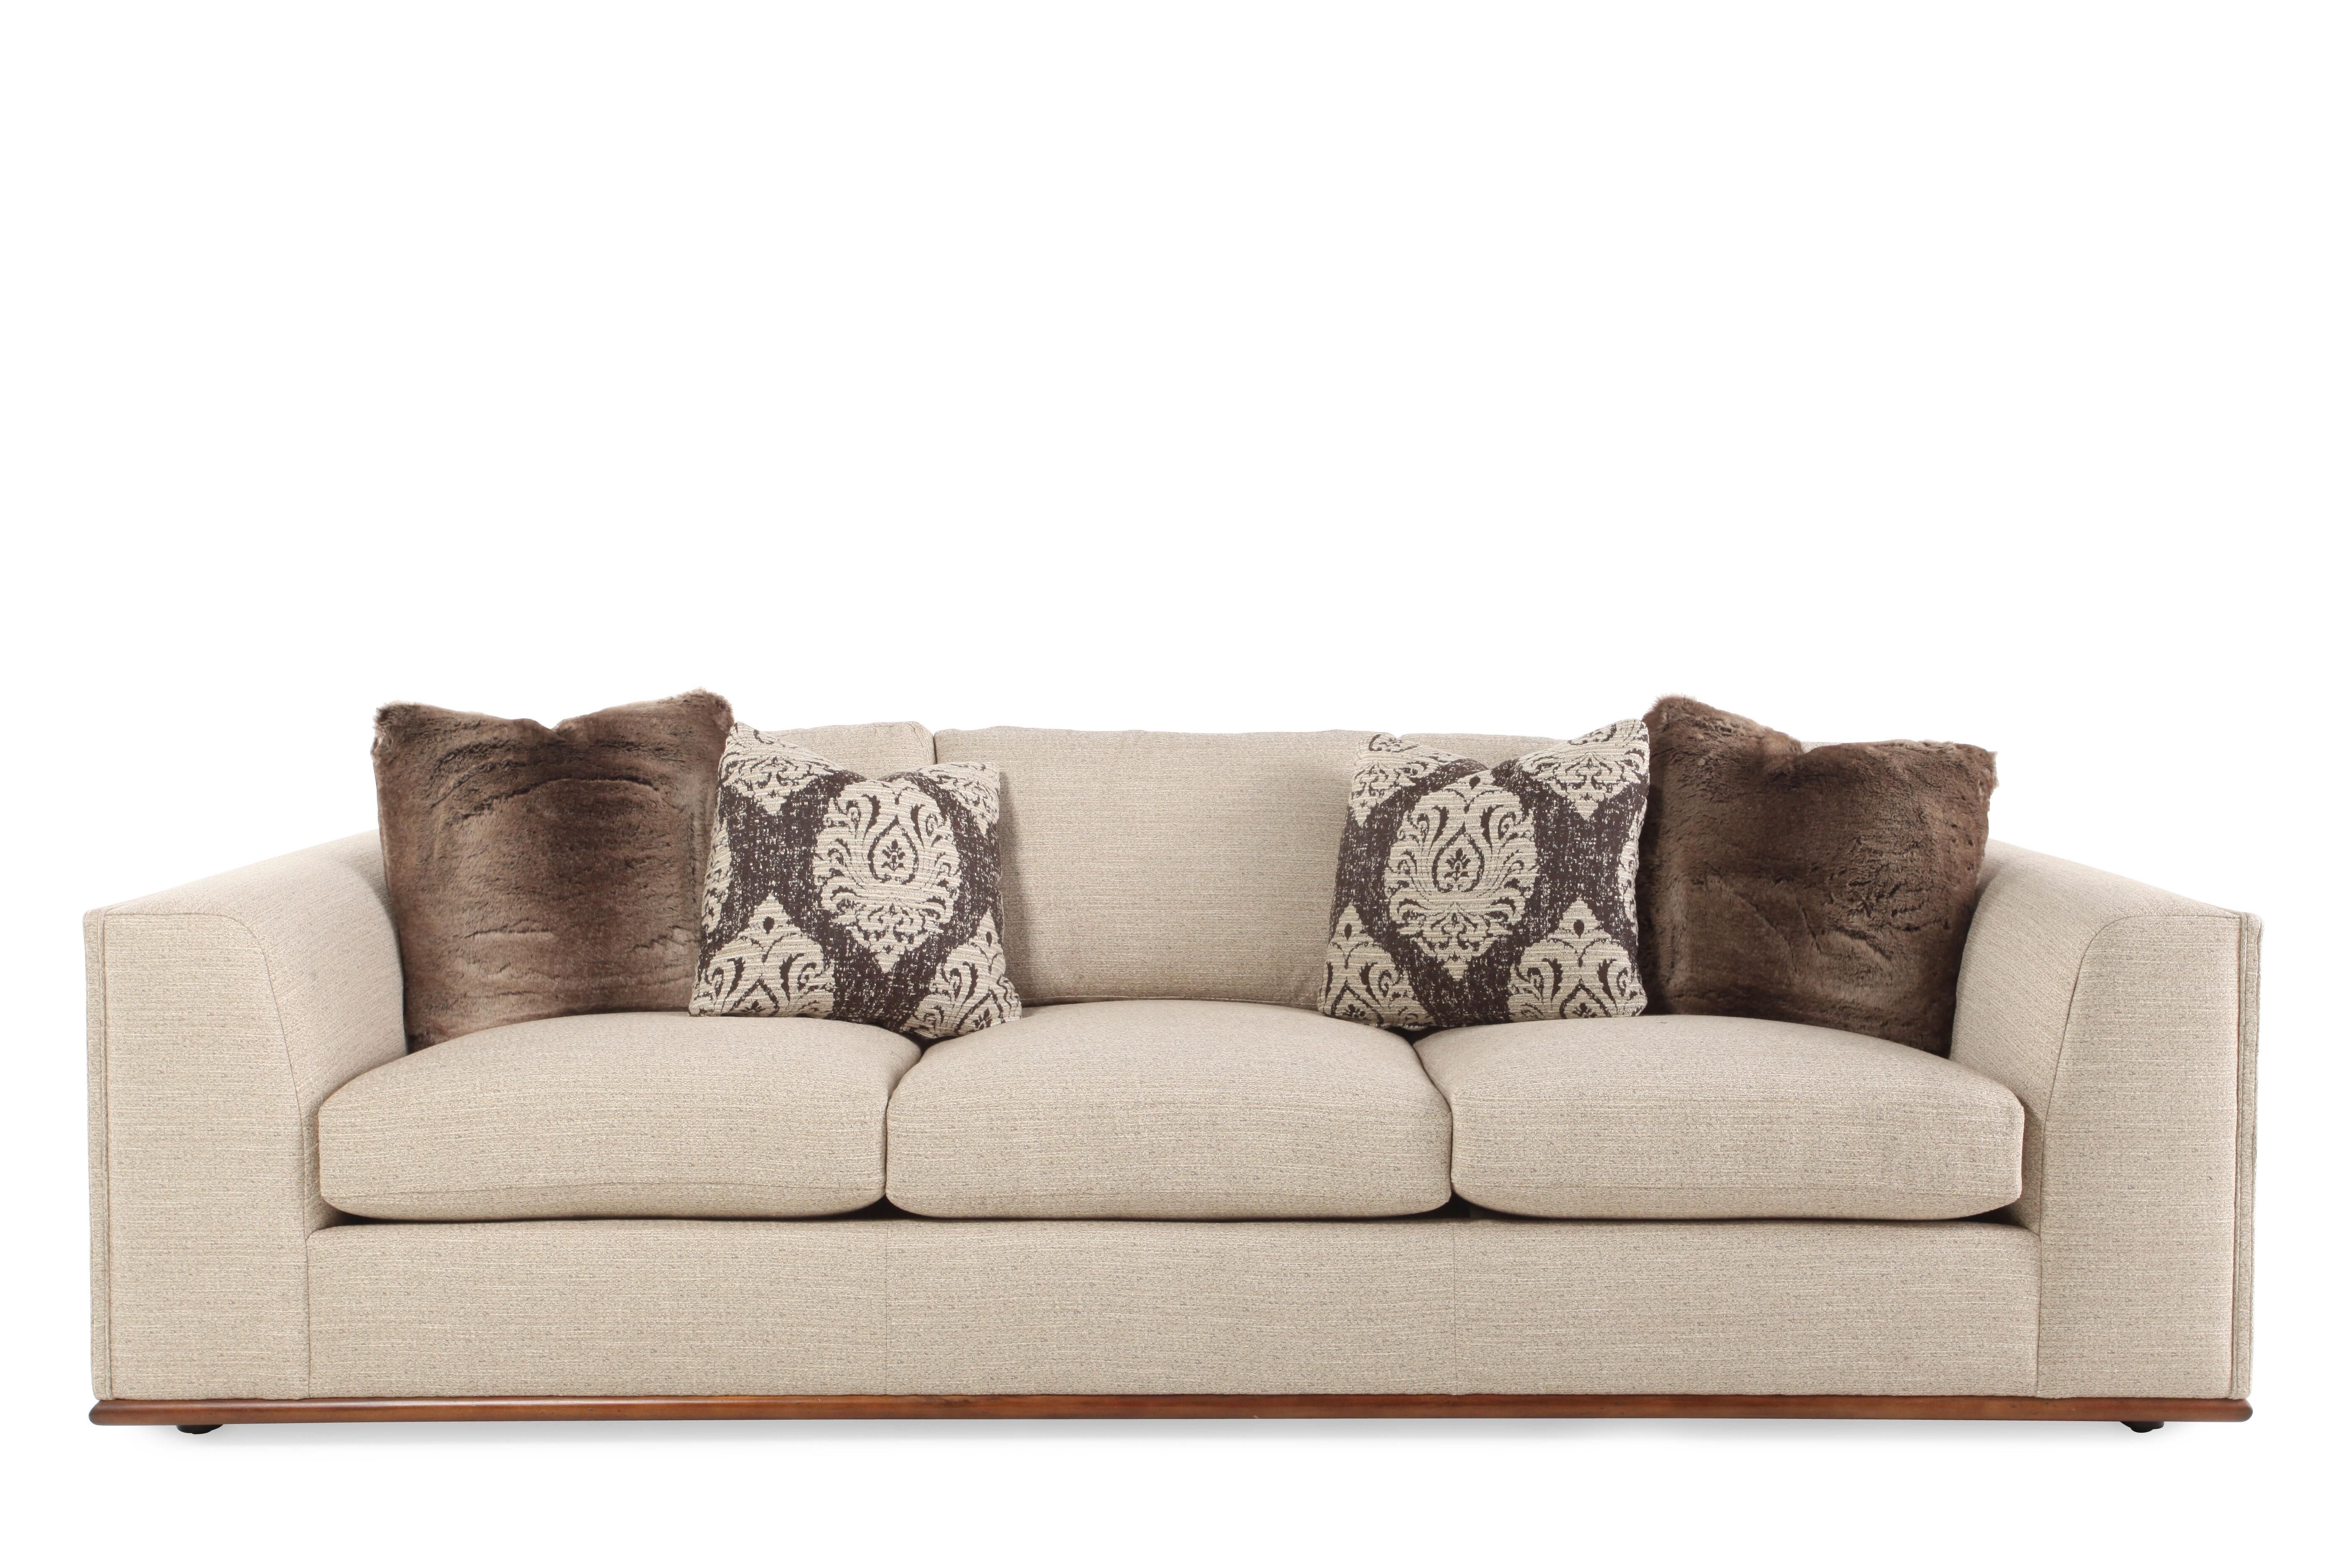 Images Low Profile 107.5u0026quot; Sofa In Cream Low Profile 107.5u0026quot; Sofa  In Cream